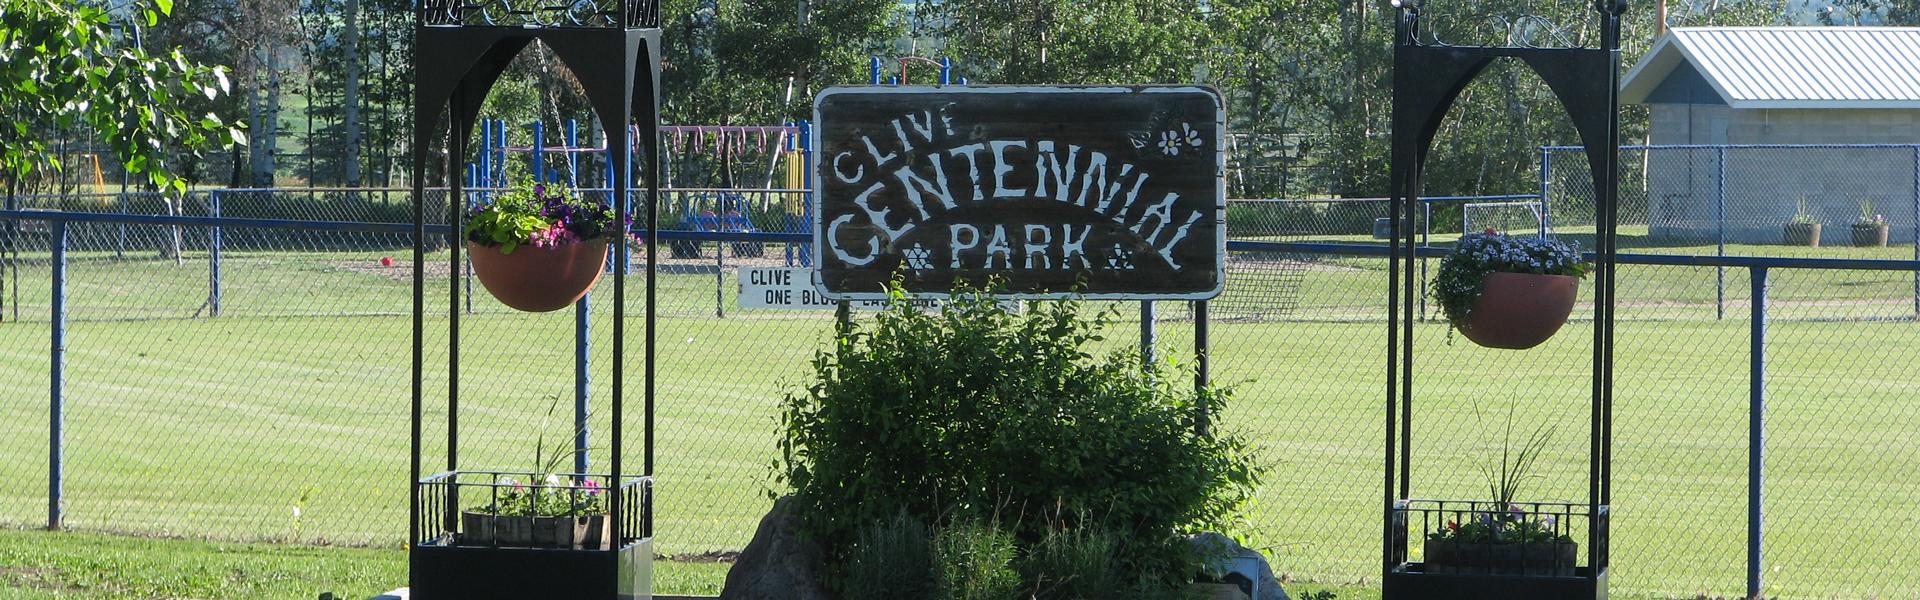 Centennial-Park-Slide